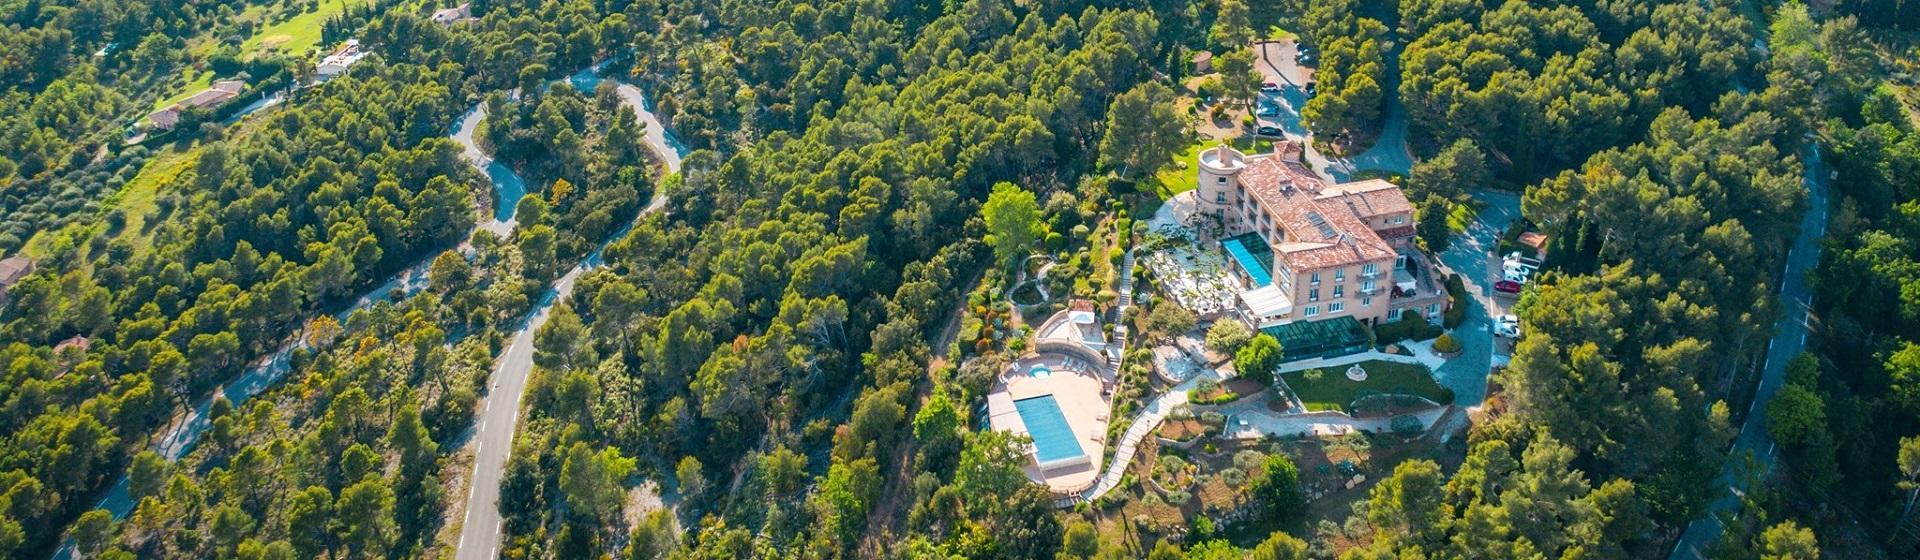 la-bastide-de-tourtour-sud-provence-var--drone-seminaires-de-caractere